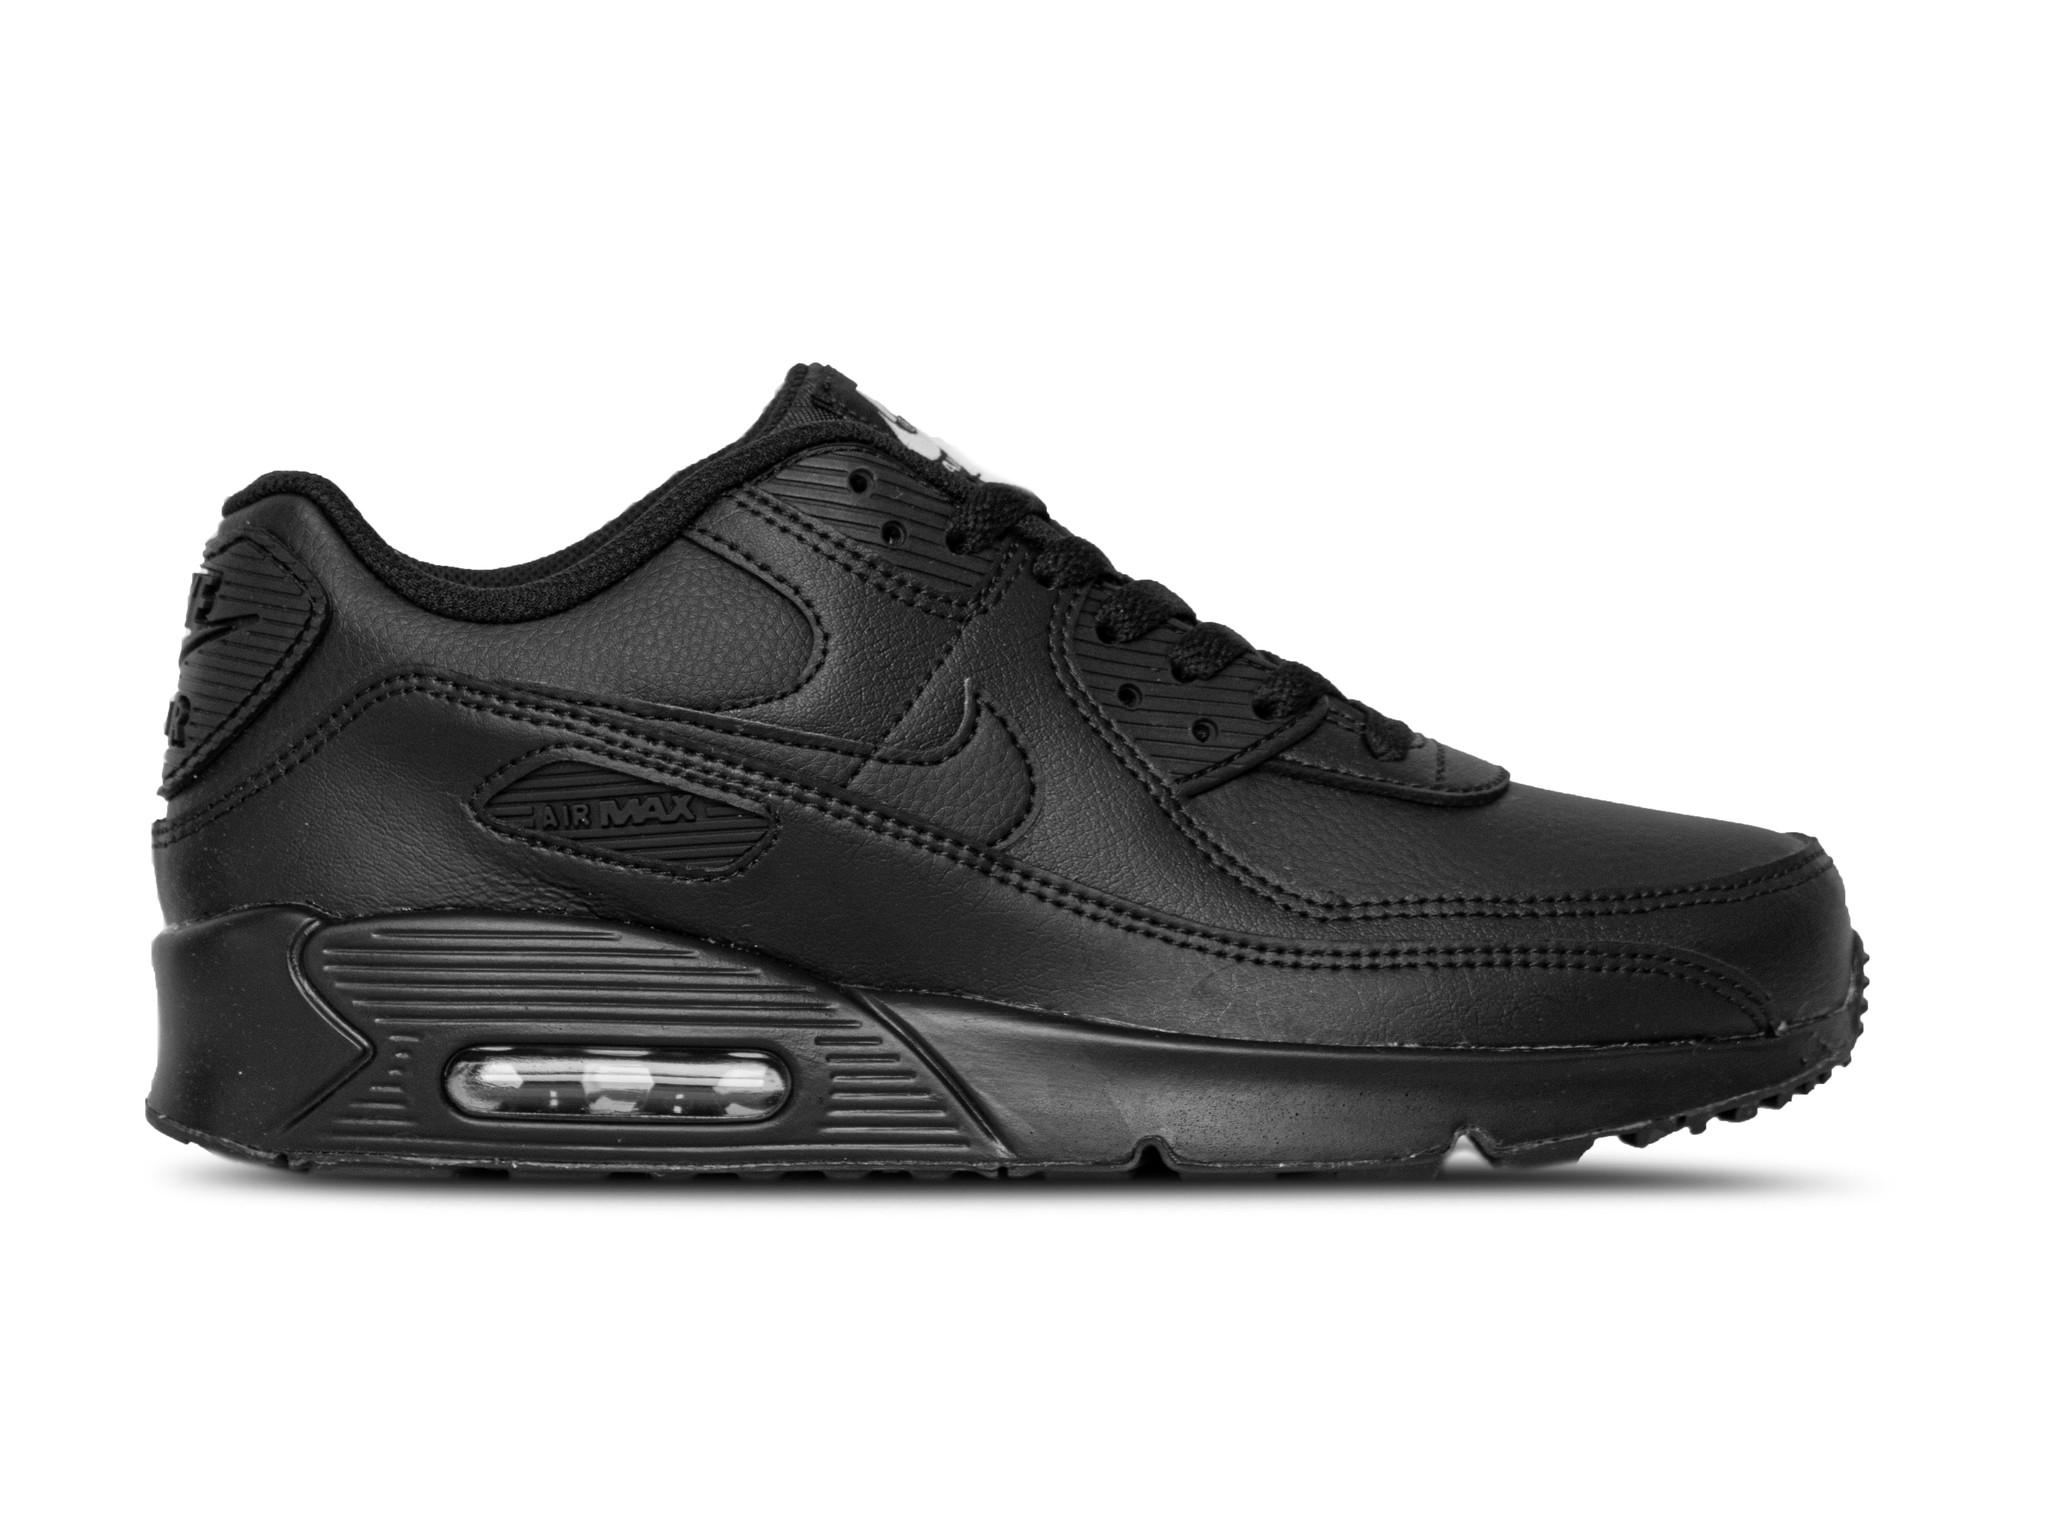 Nike Air Max 90 GS LTR Black Black White CD6864 001 | Bruut